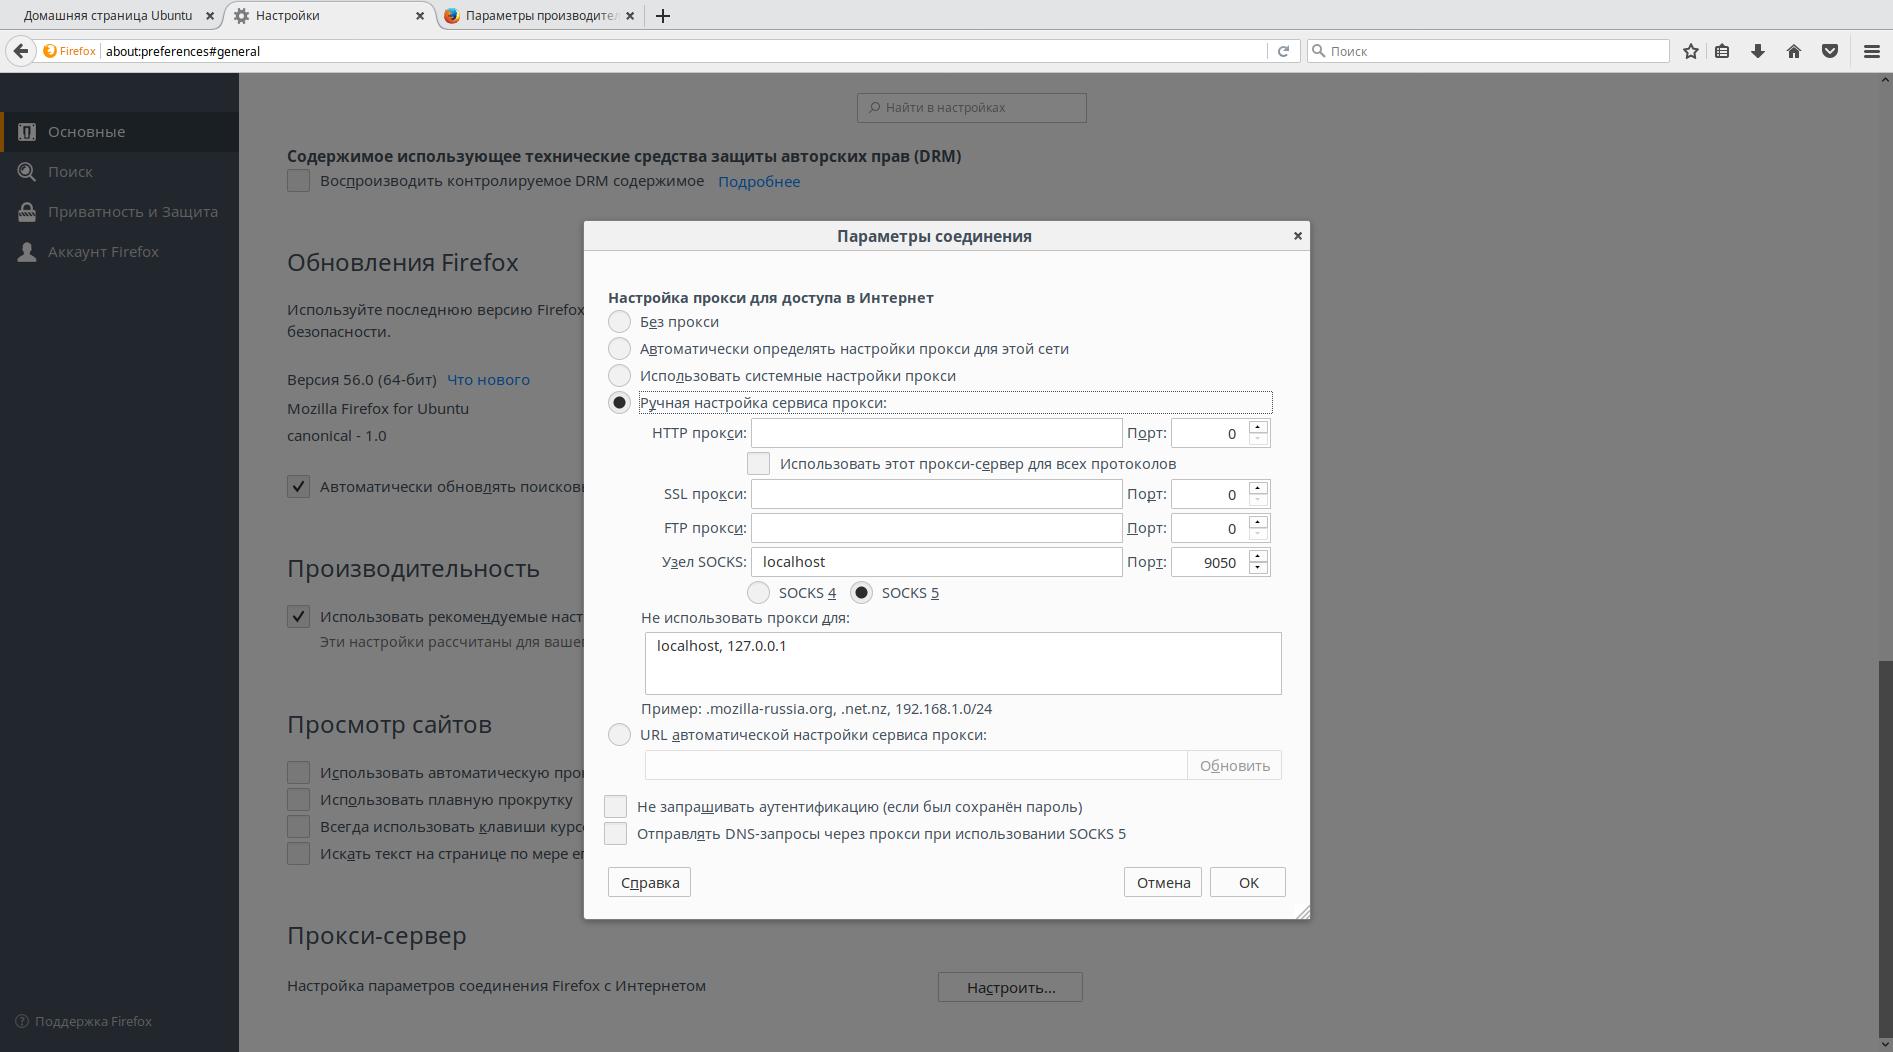 скачивание торрентов через тор браузер